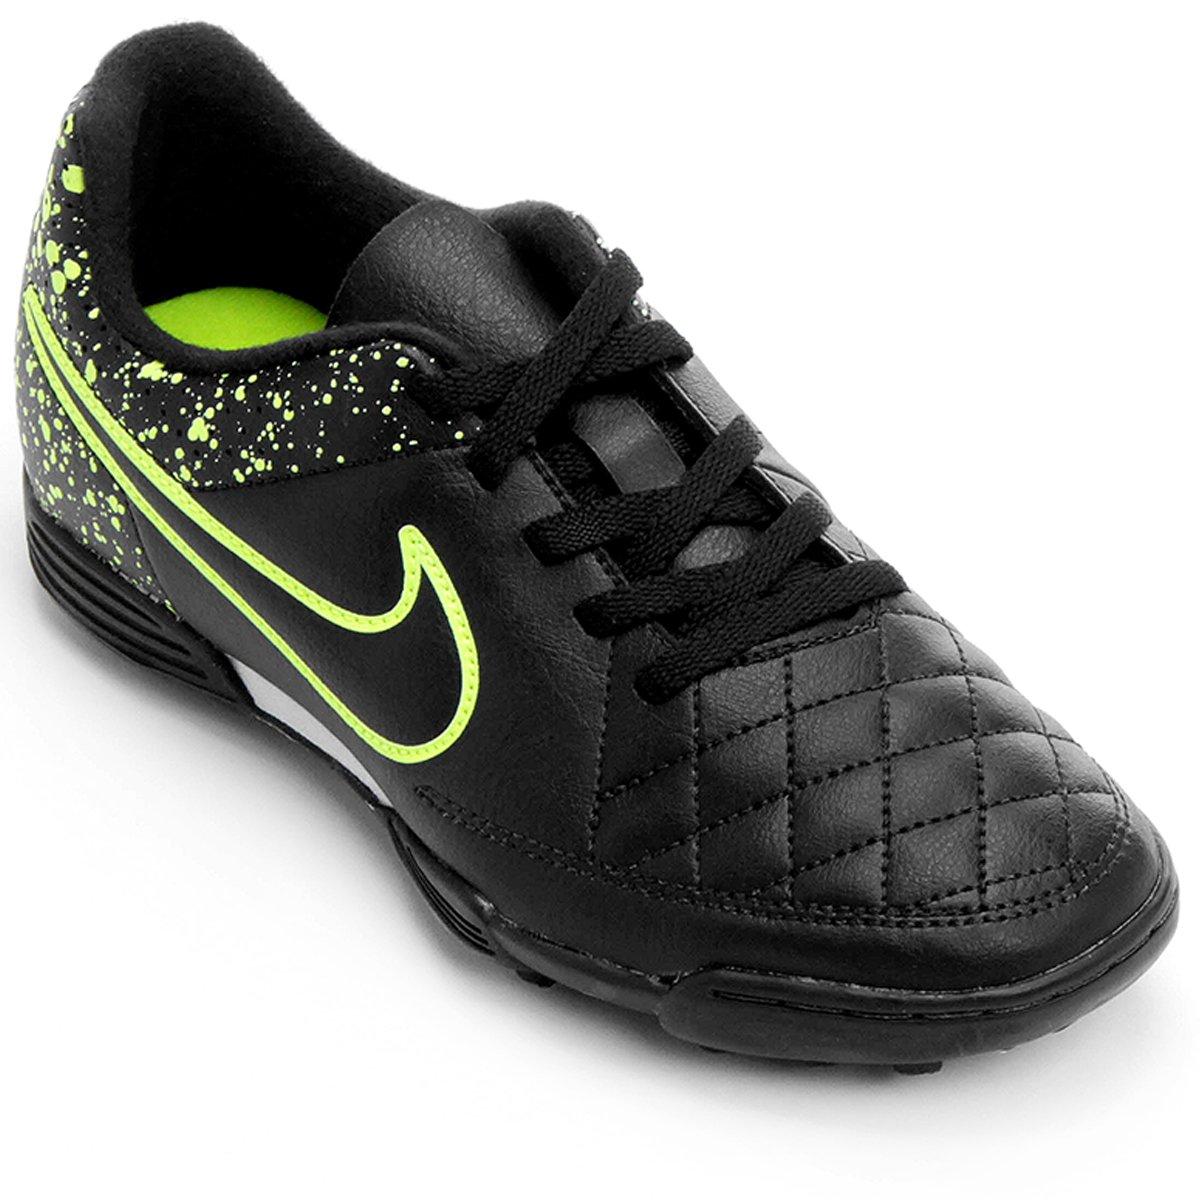 bfede953ea Chuteira Nike Tiempo Rio 2 TF Society Infantil - Compre Agora